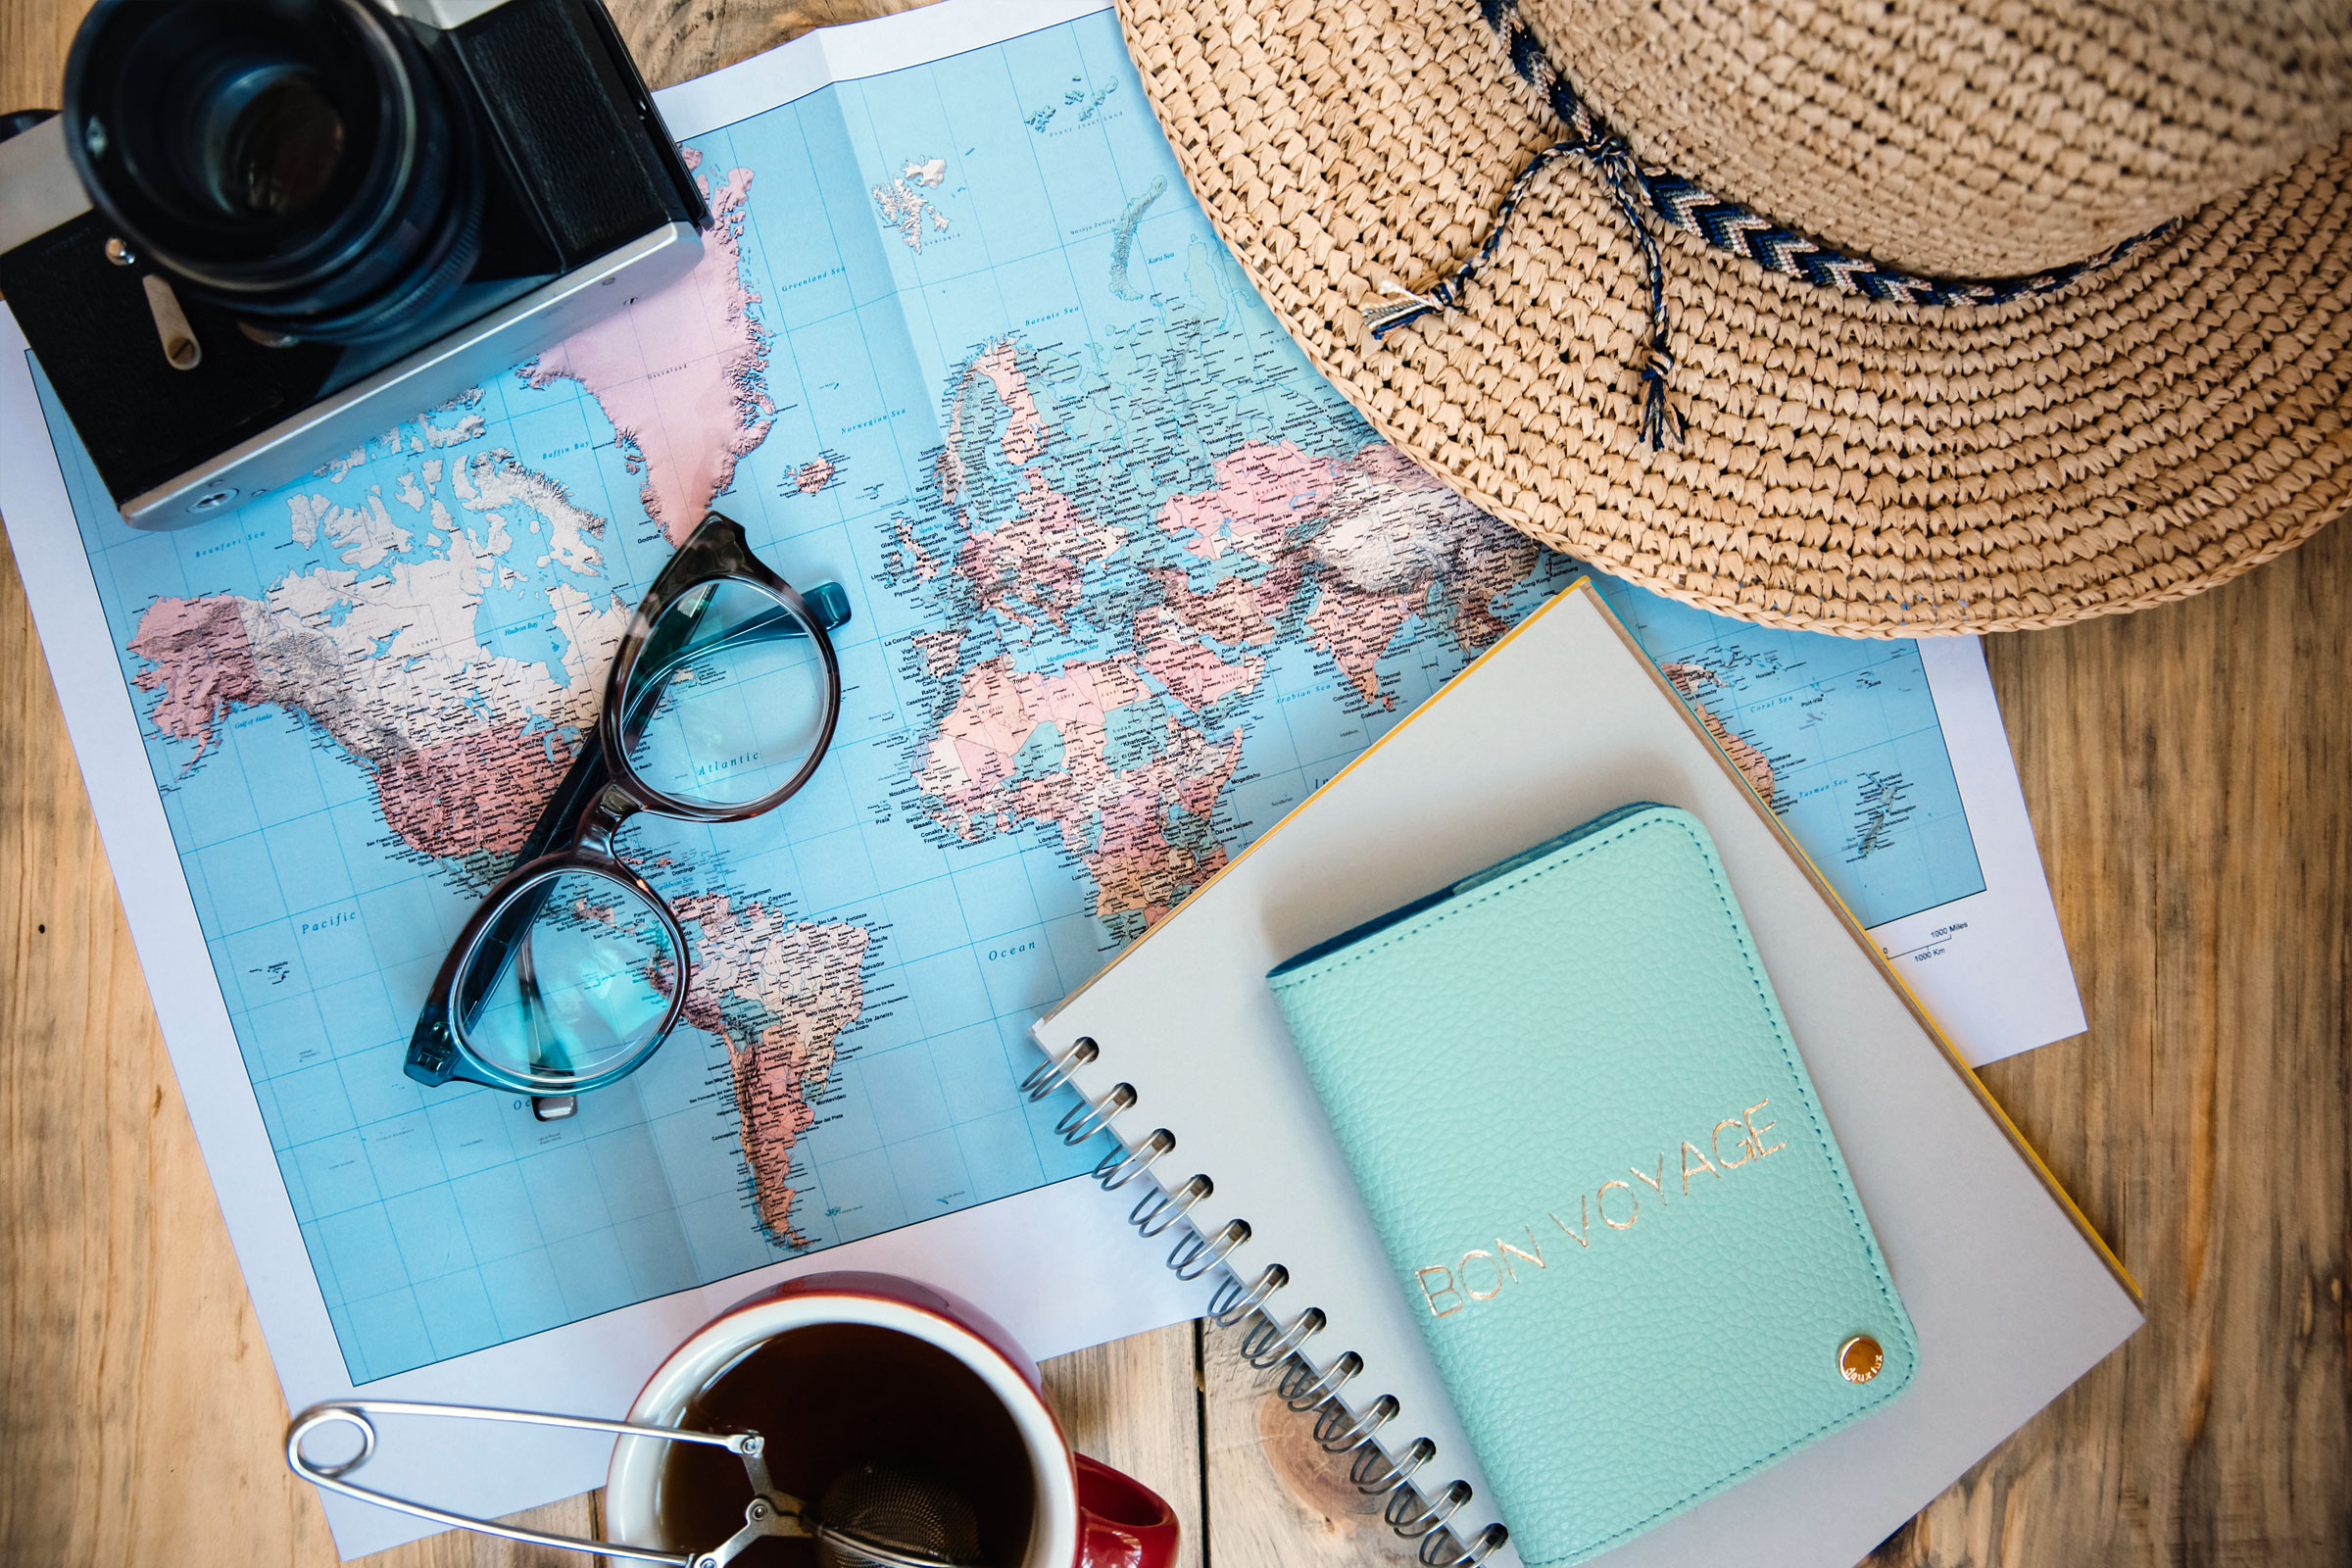 Världskarta, stråhatt, kamera och en kalender